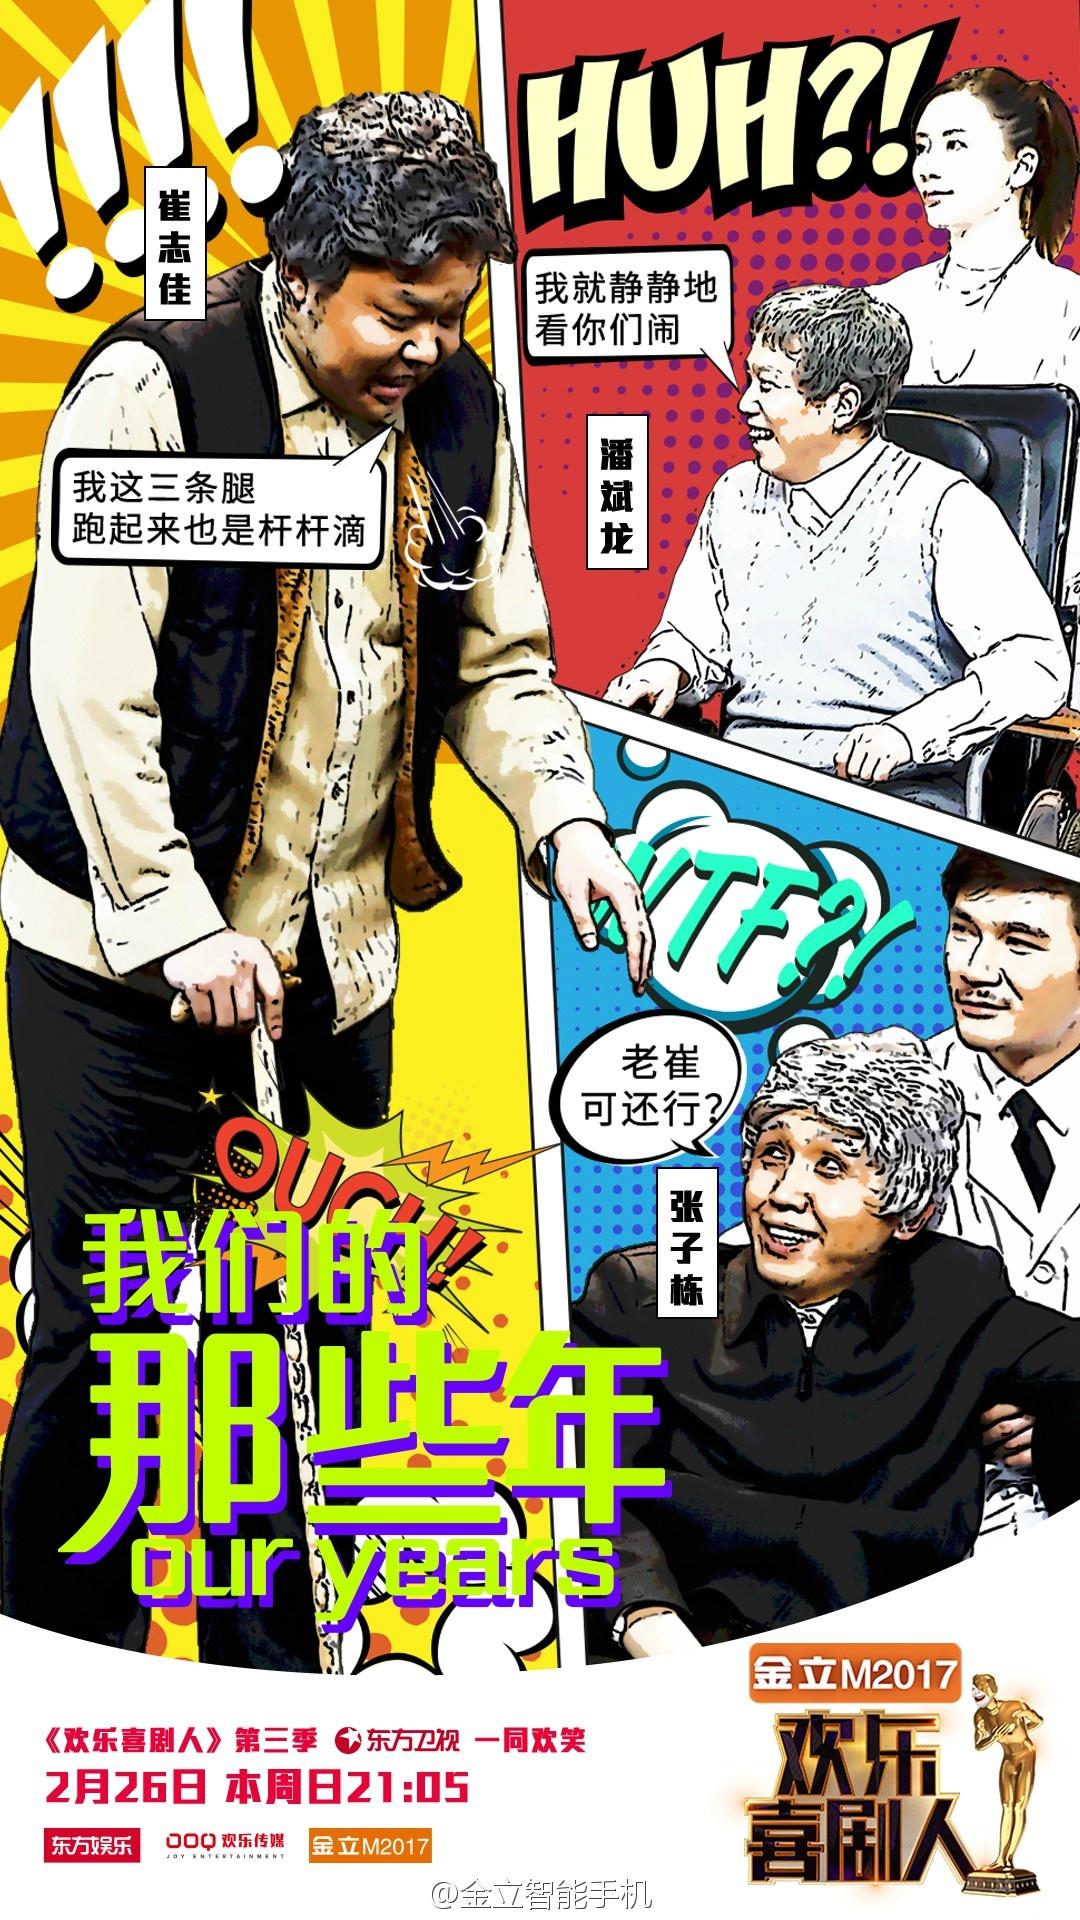 #金立M2017#独家冠名#欢乐喜剧人#第三季进入第二阶段的复活踢馆赛